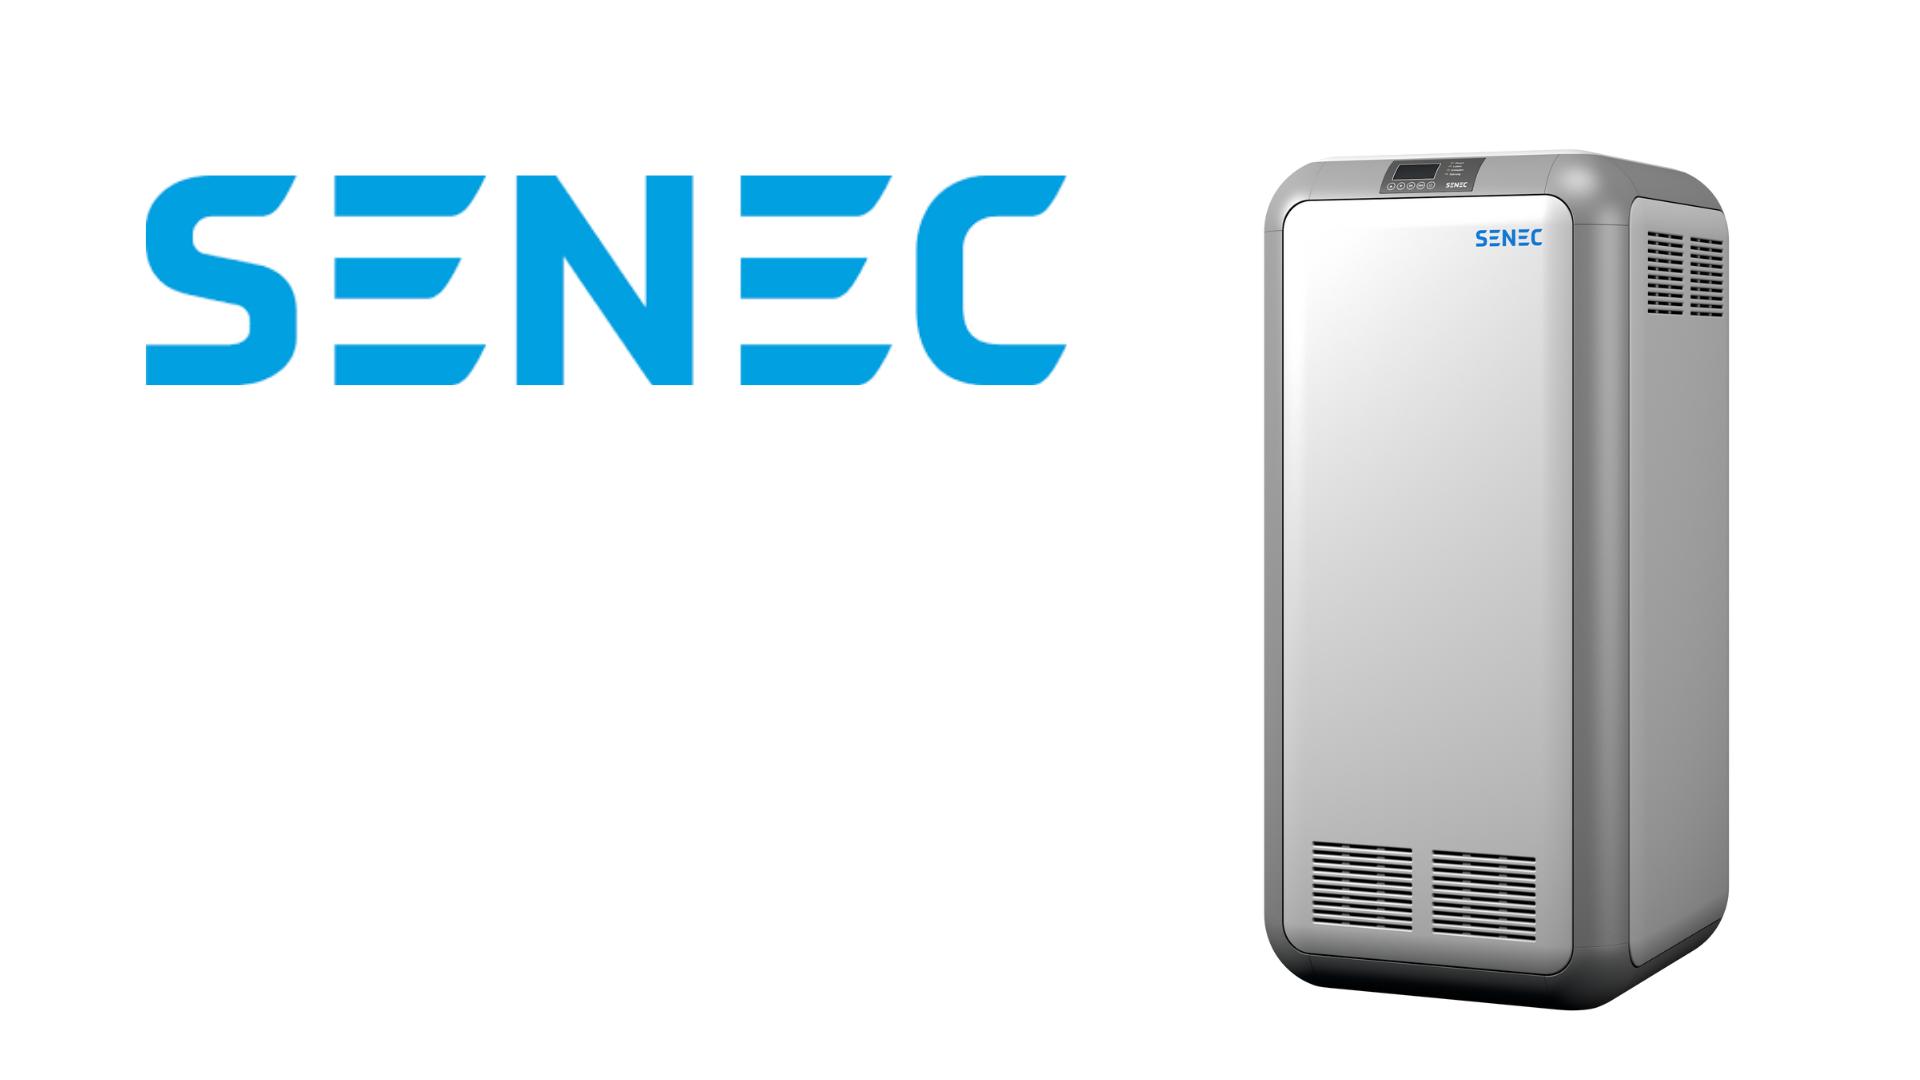 senec home battery v3 hybrid